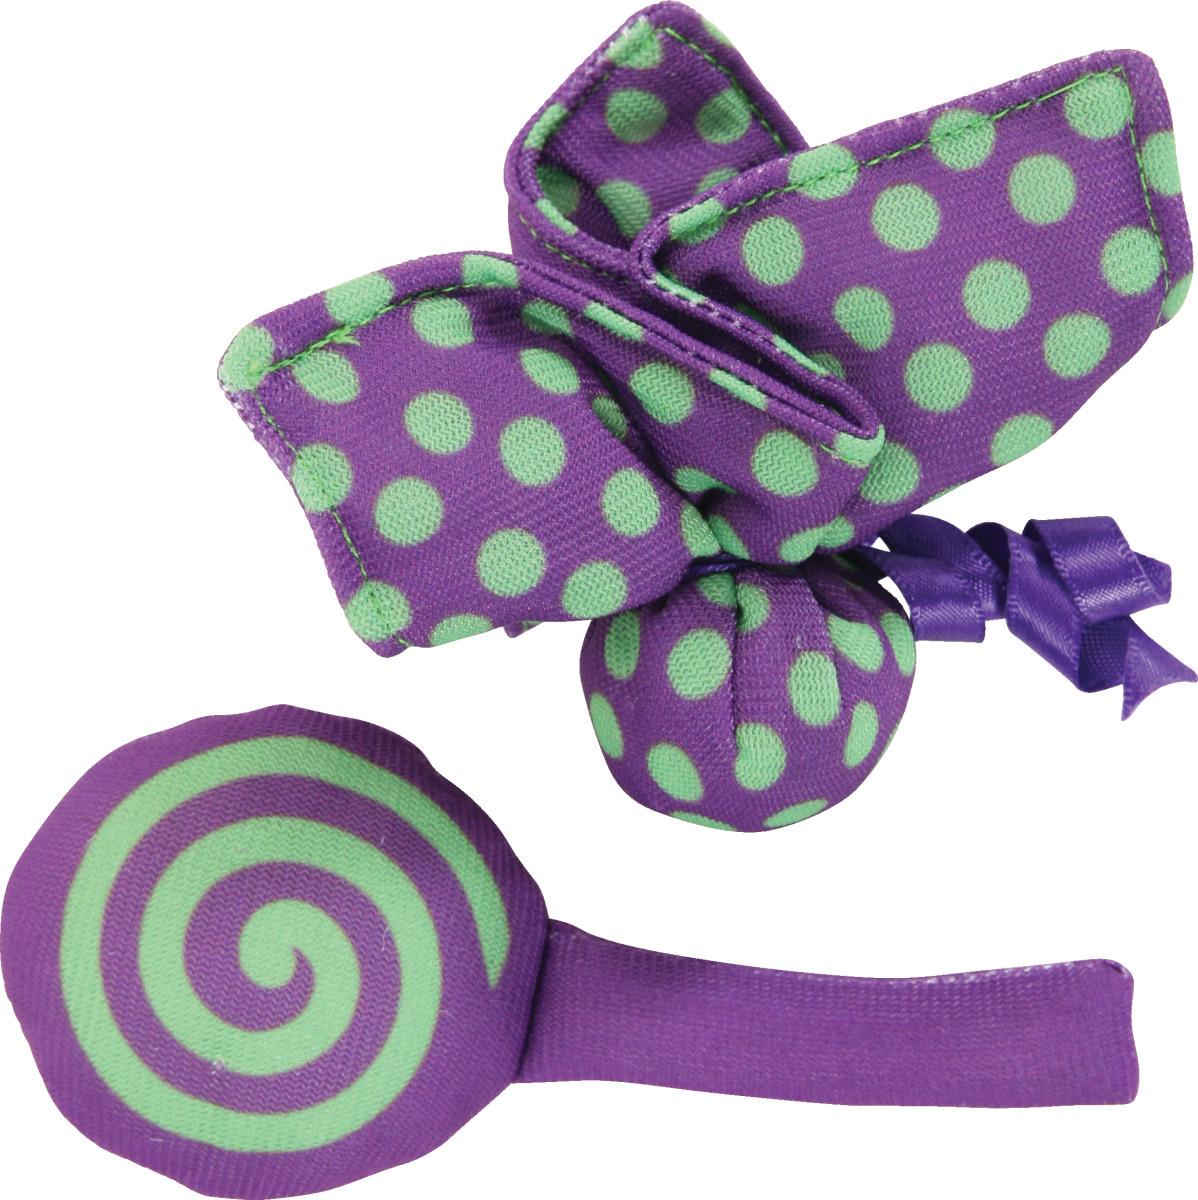 Игрушка Zolux мягкие бабочка и конфета с мятой для кошек 2 шт